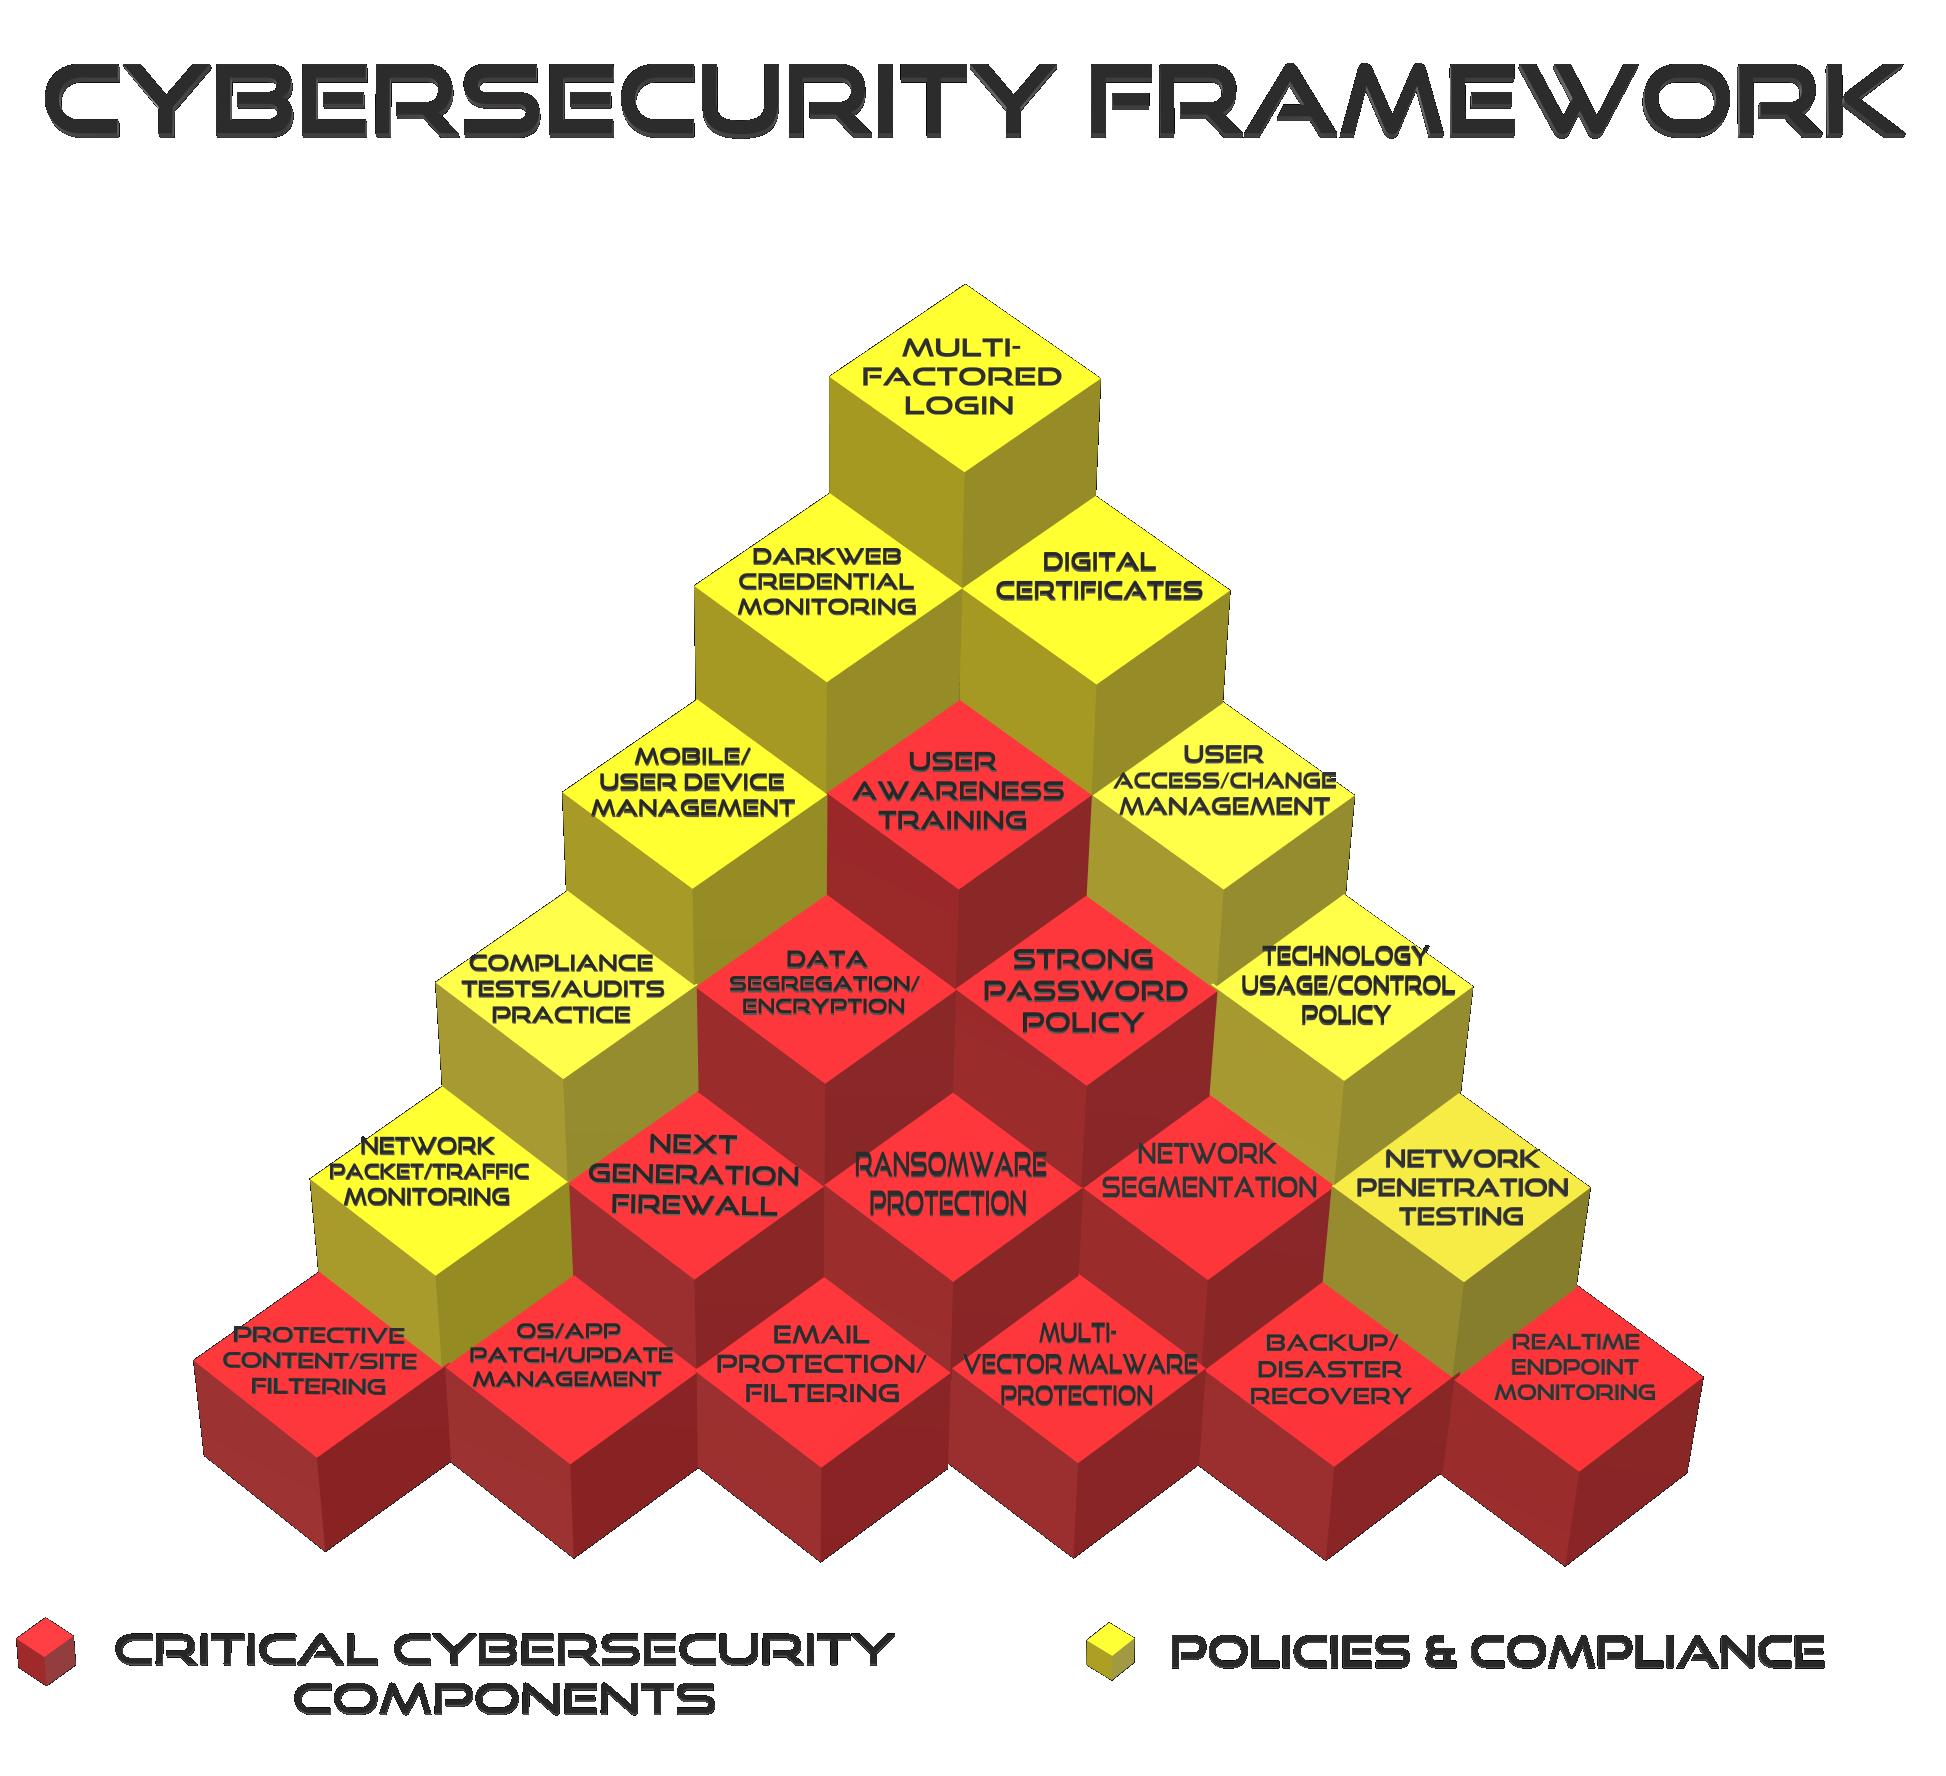 Cybersecurity Framework Pyramid